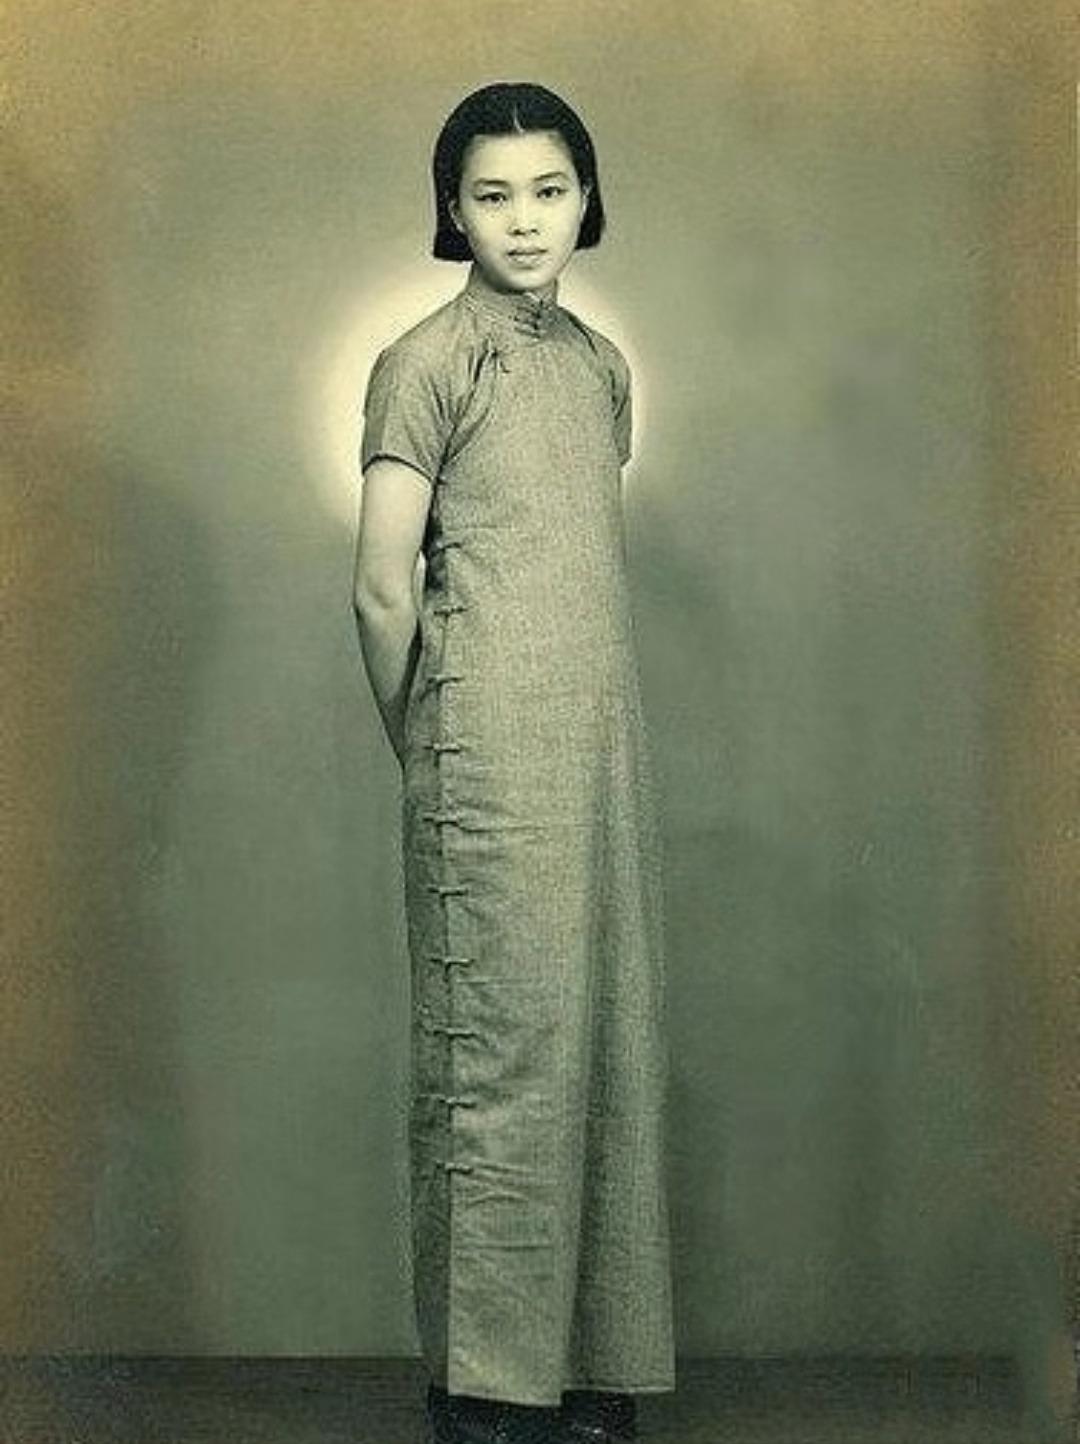 老照片:11张民国美女罕见照,身材苗条,个个都很漂亮!